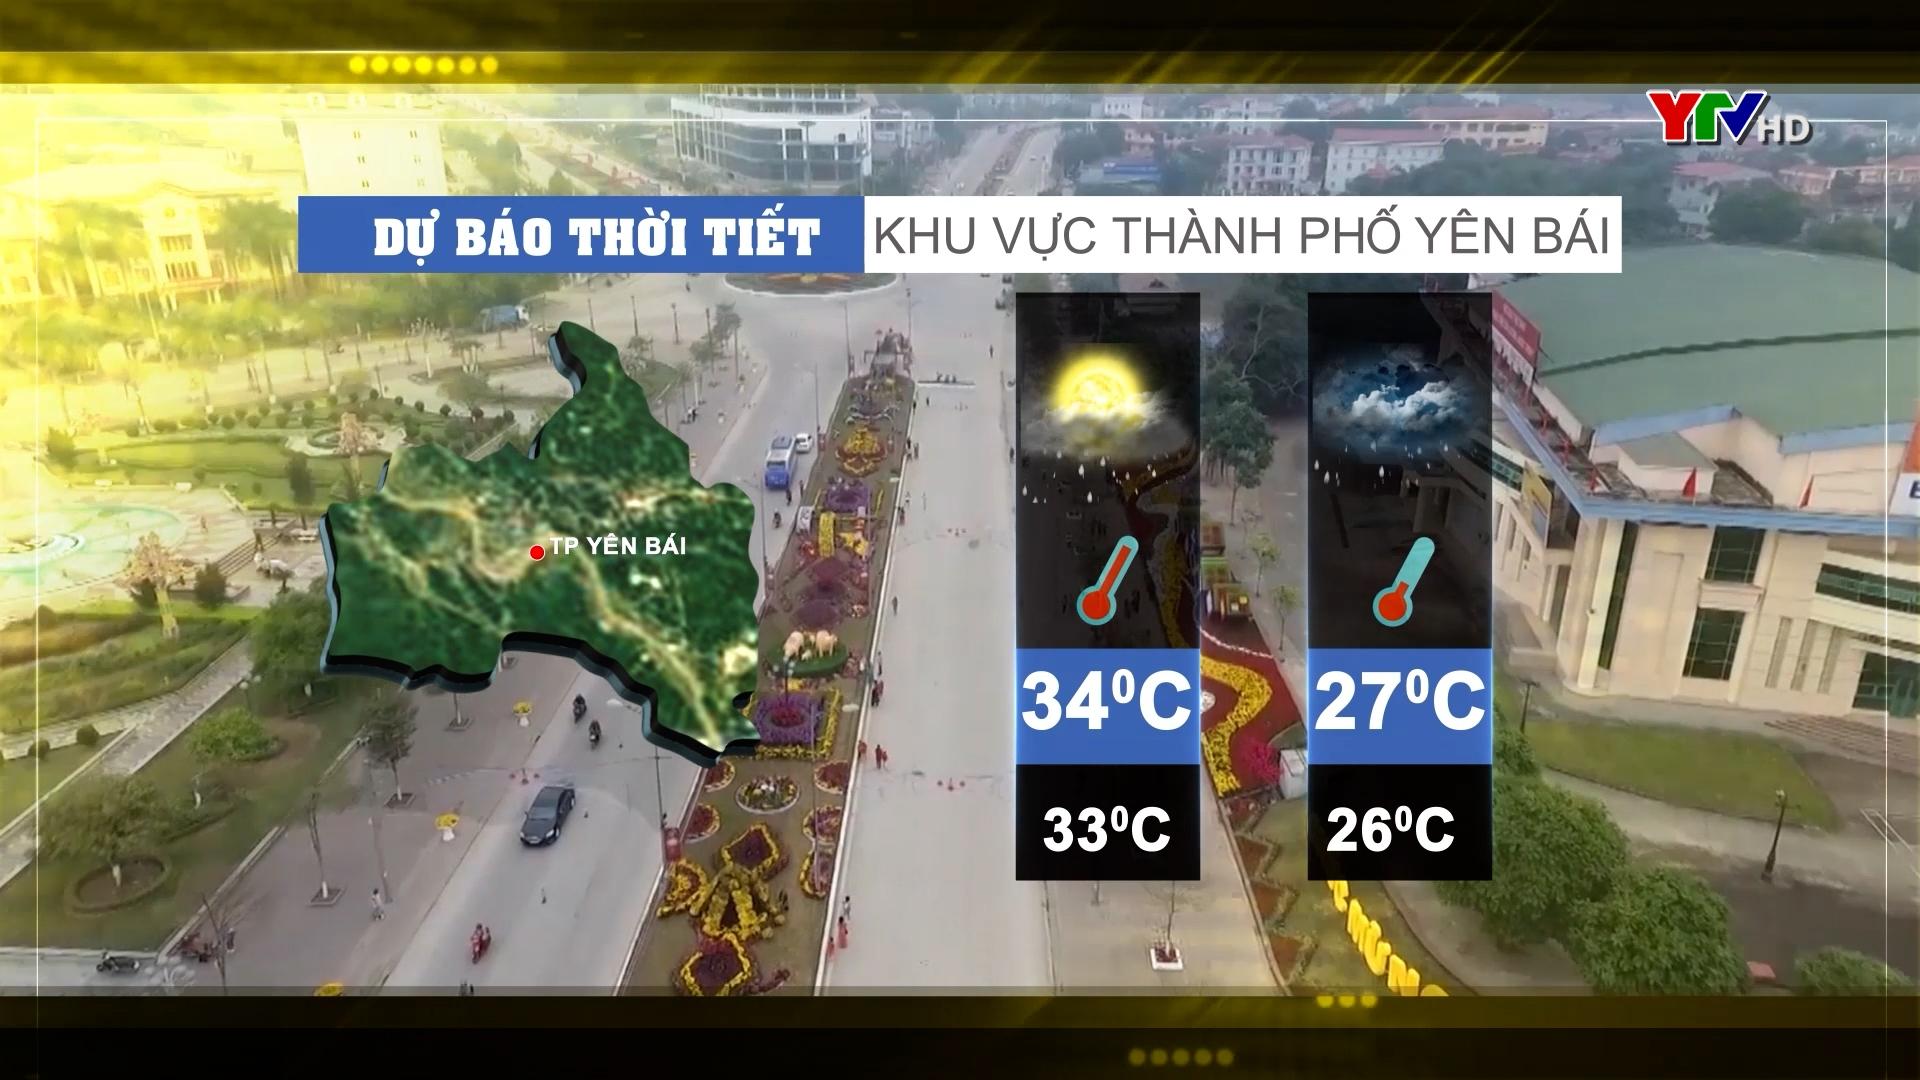 Dự báo thời tiết ngày 31 tháng 7 năm 2021